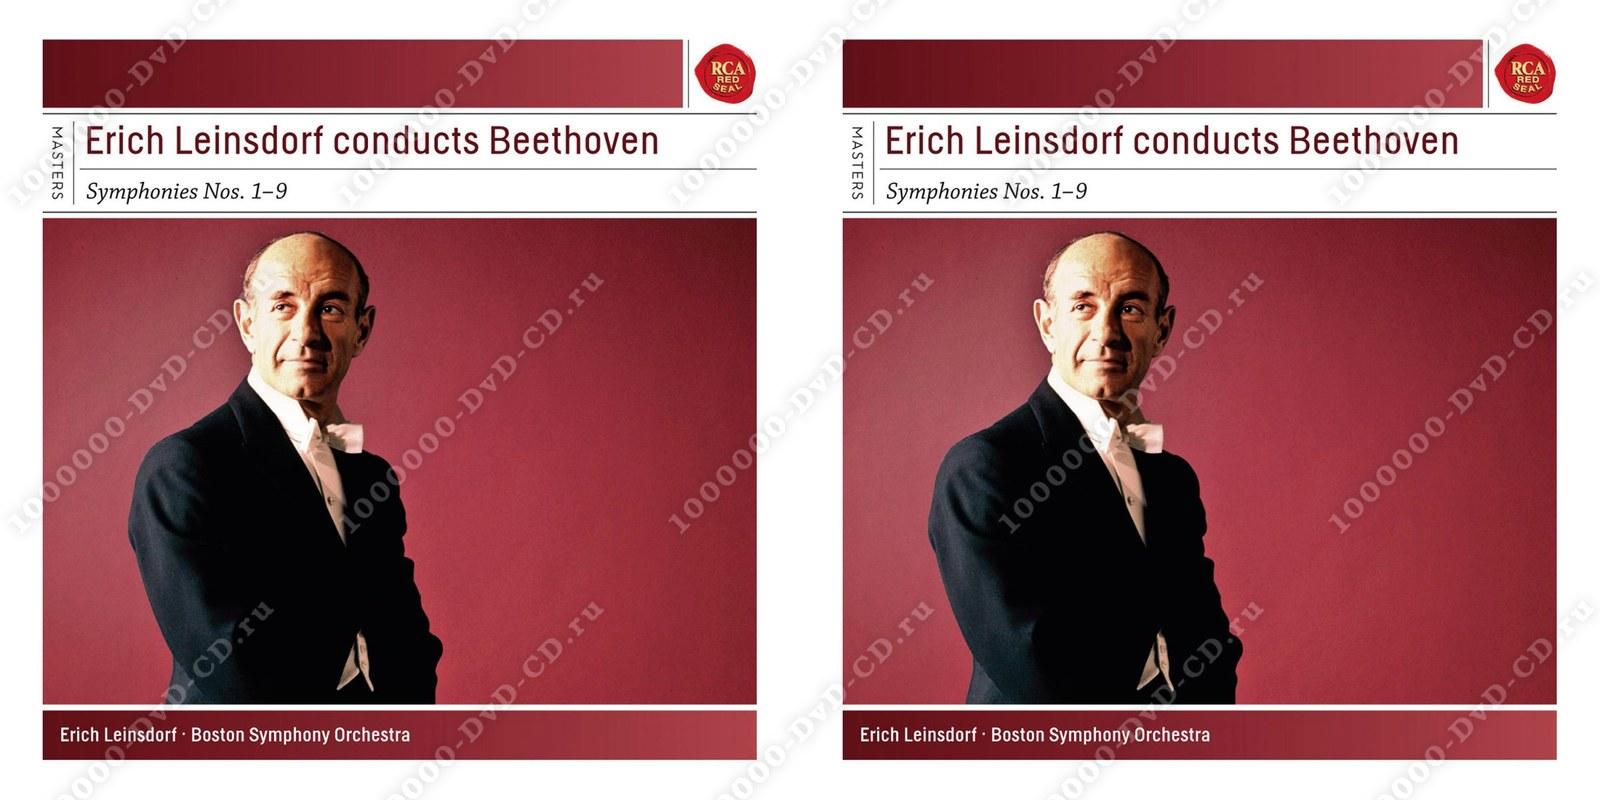 an analysis of the ludwig van beethovens symphonies